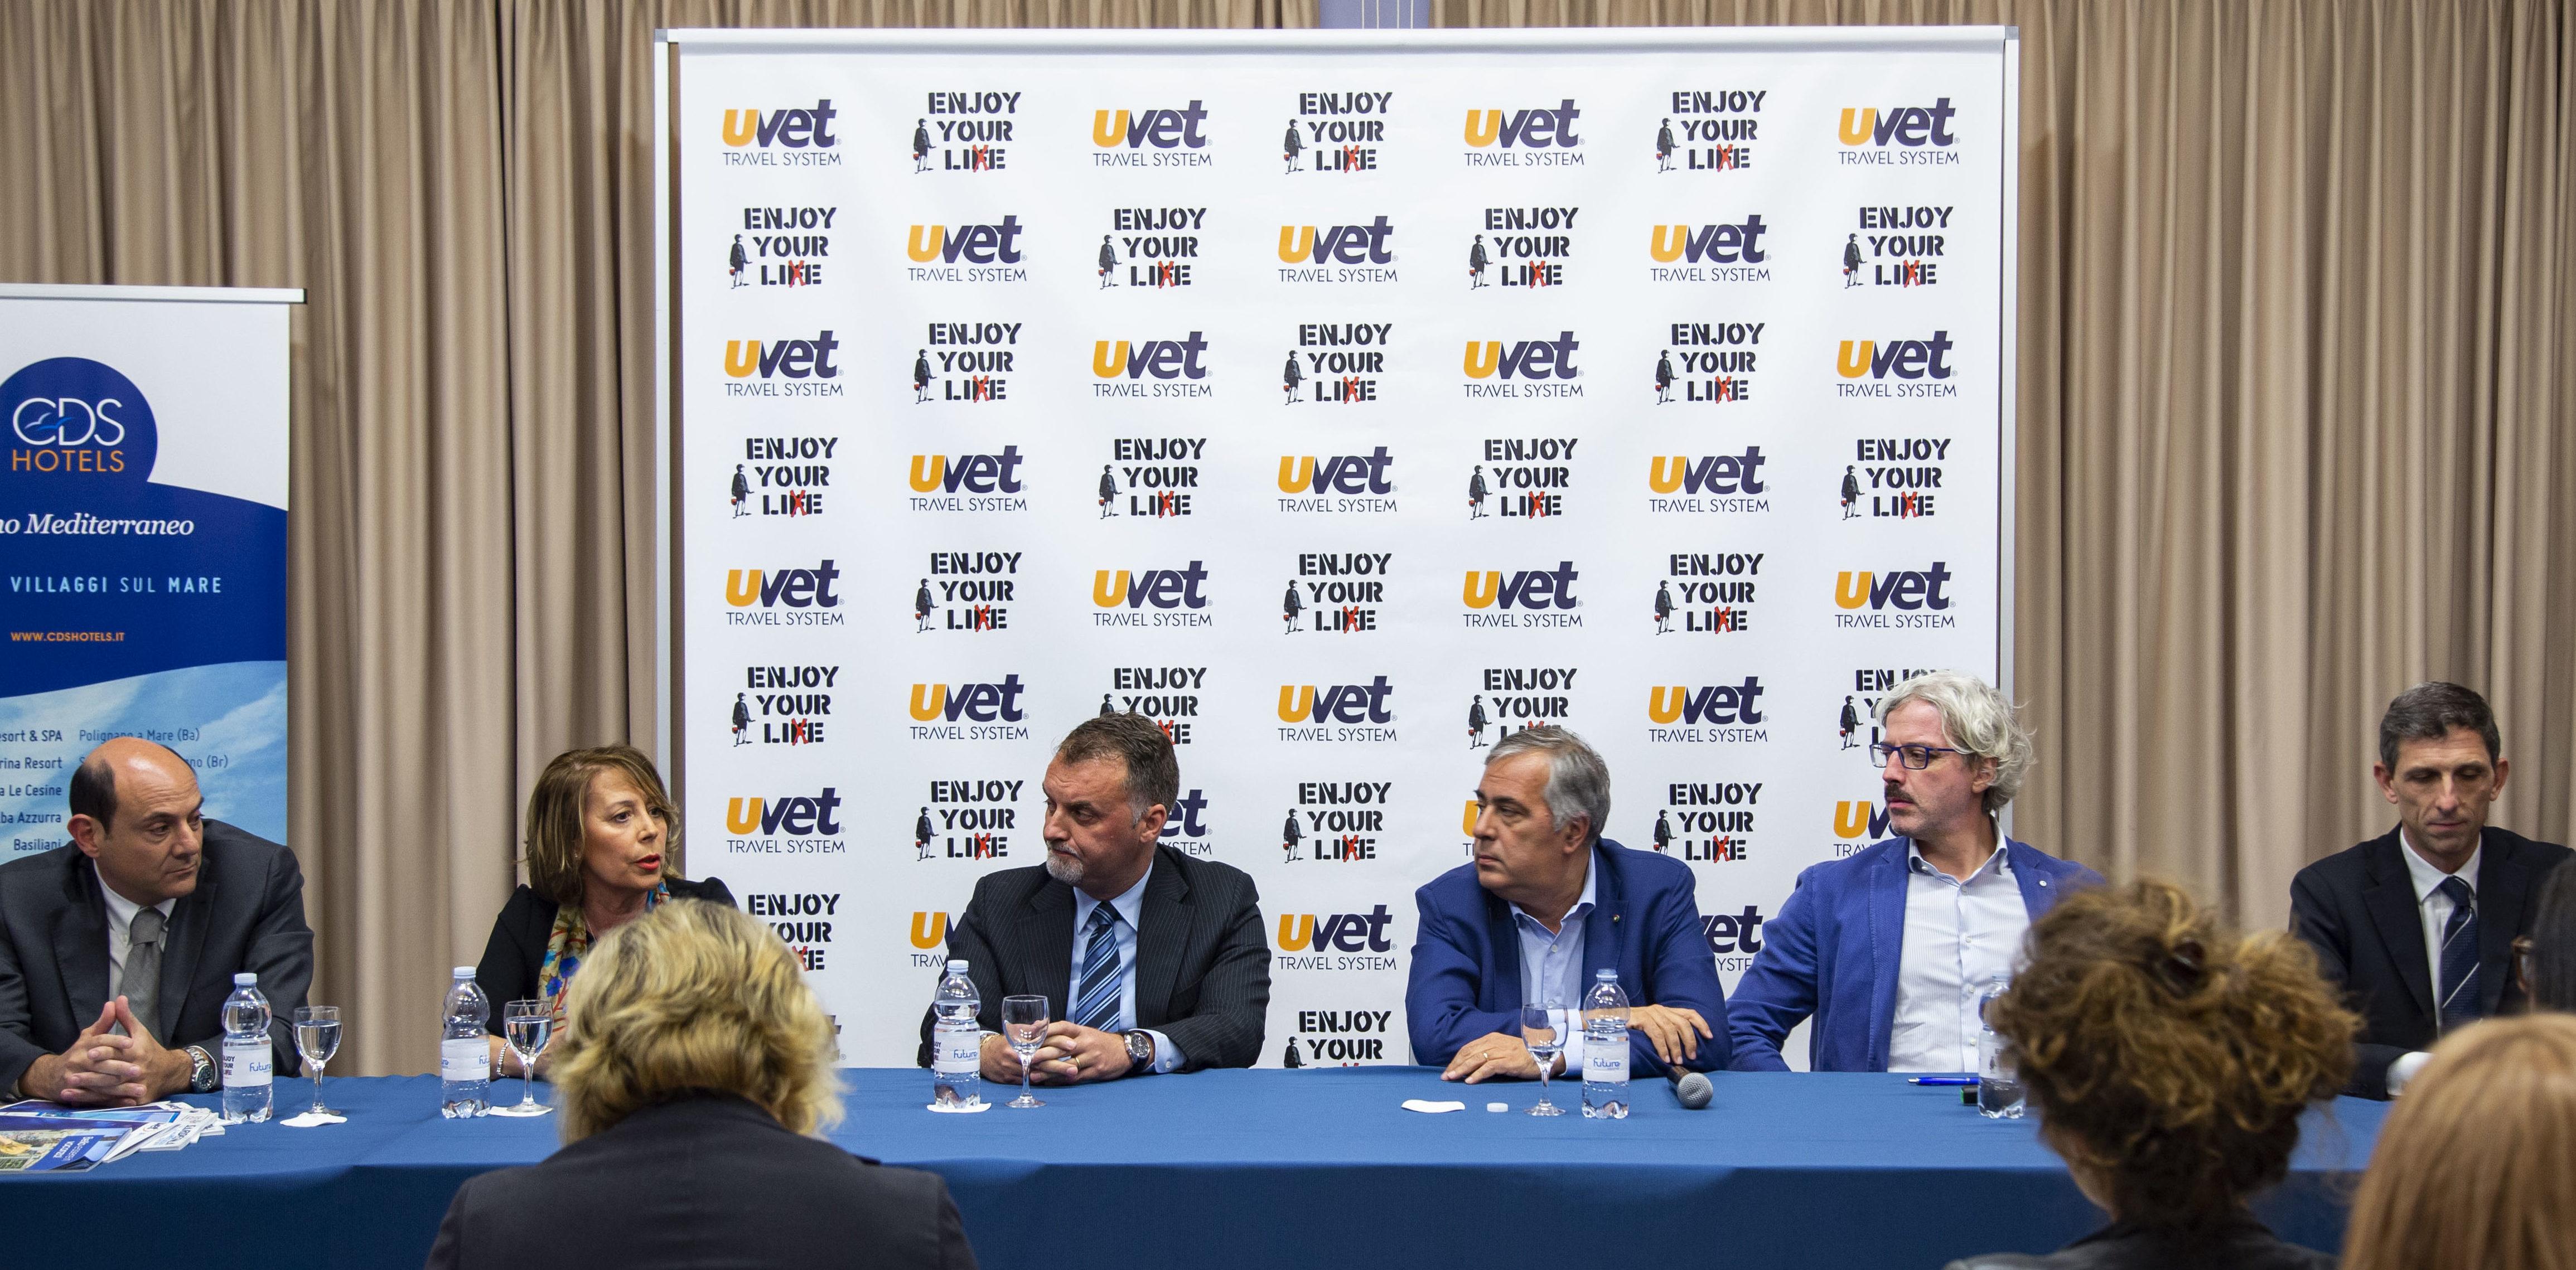 La conferenza stampa a margine della convention Uvet Travel System